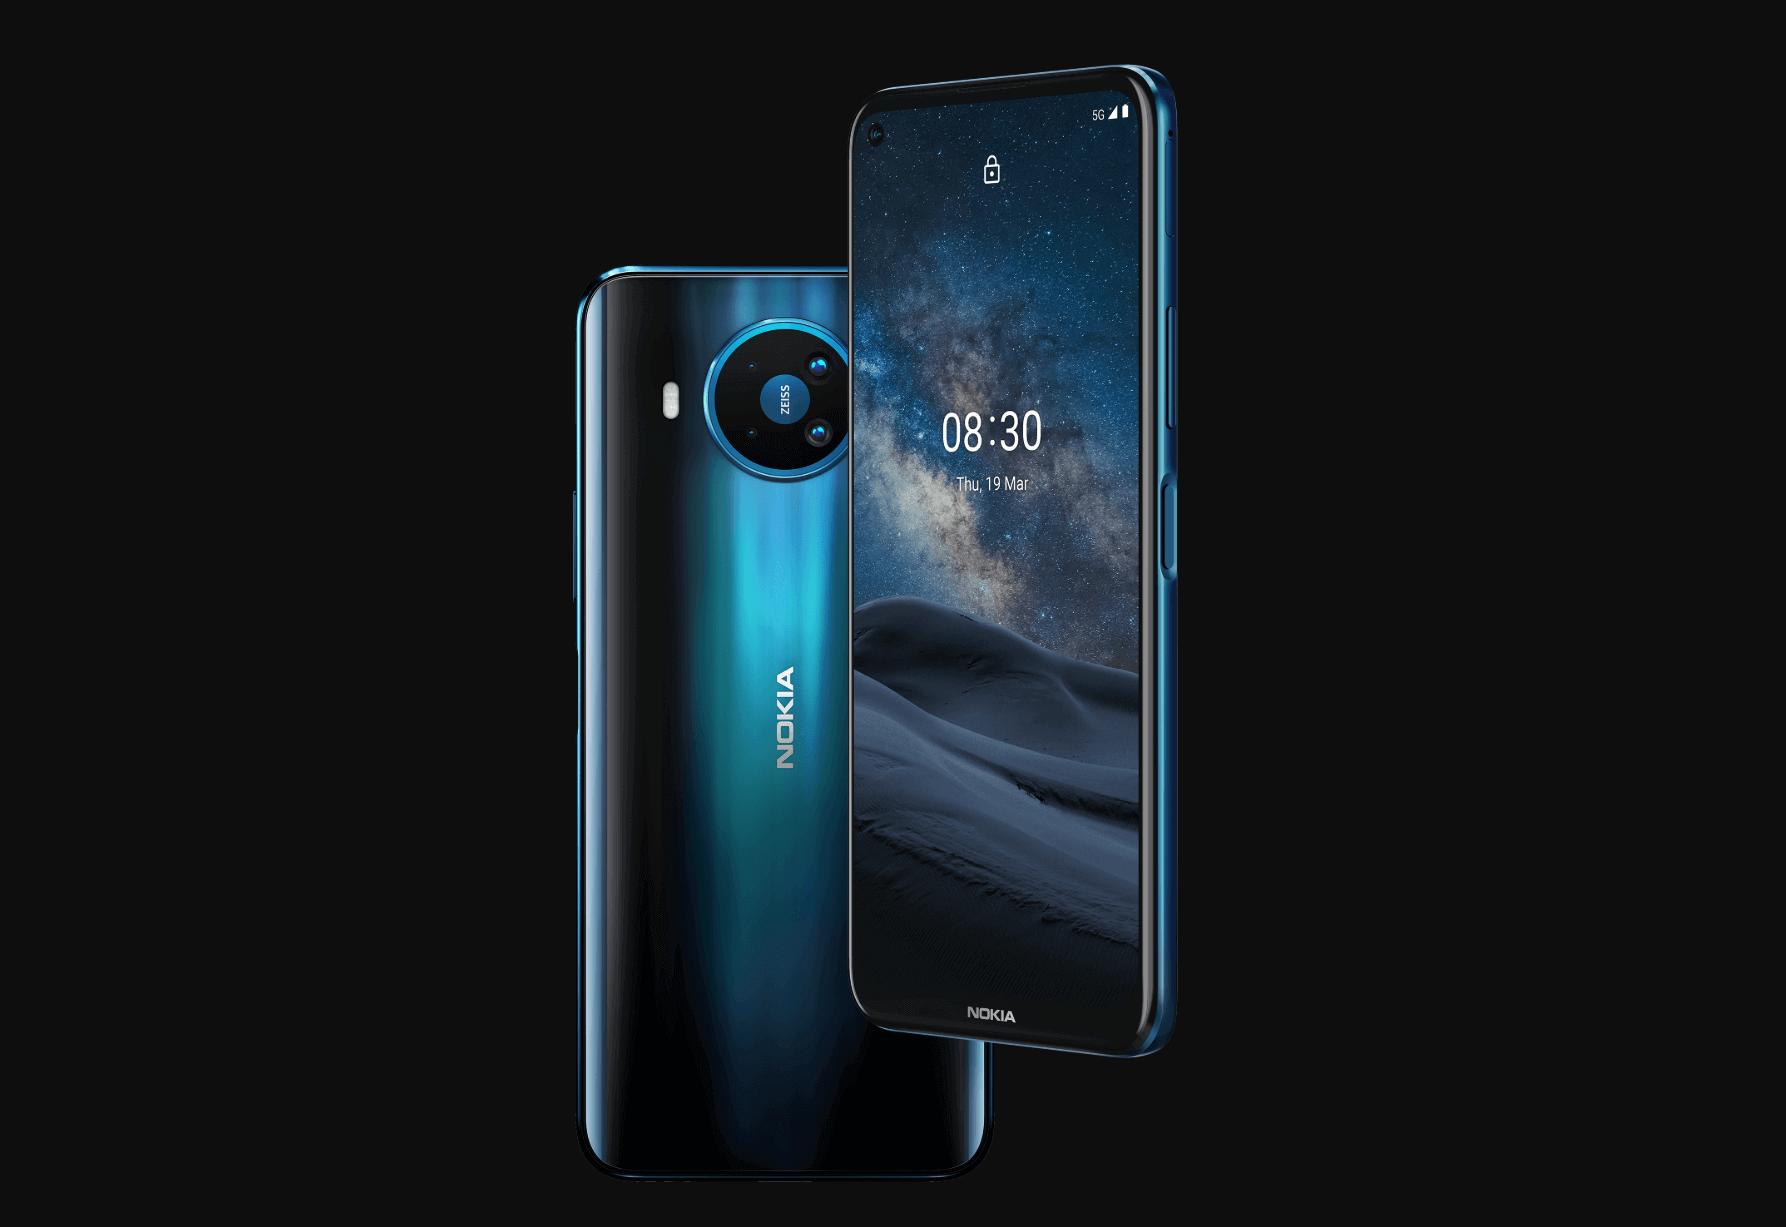 Nokia 8.3 price in India